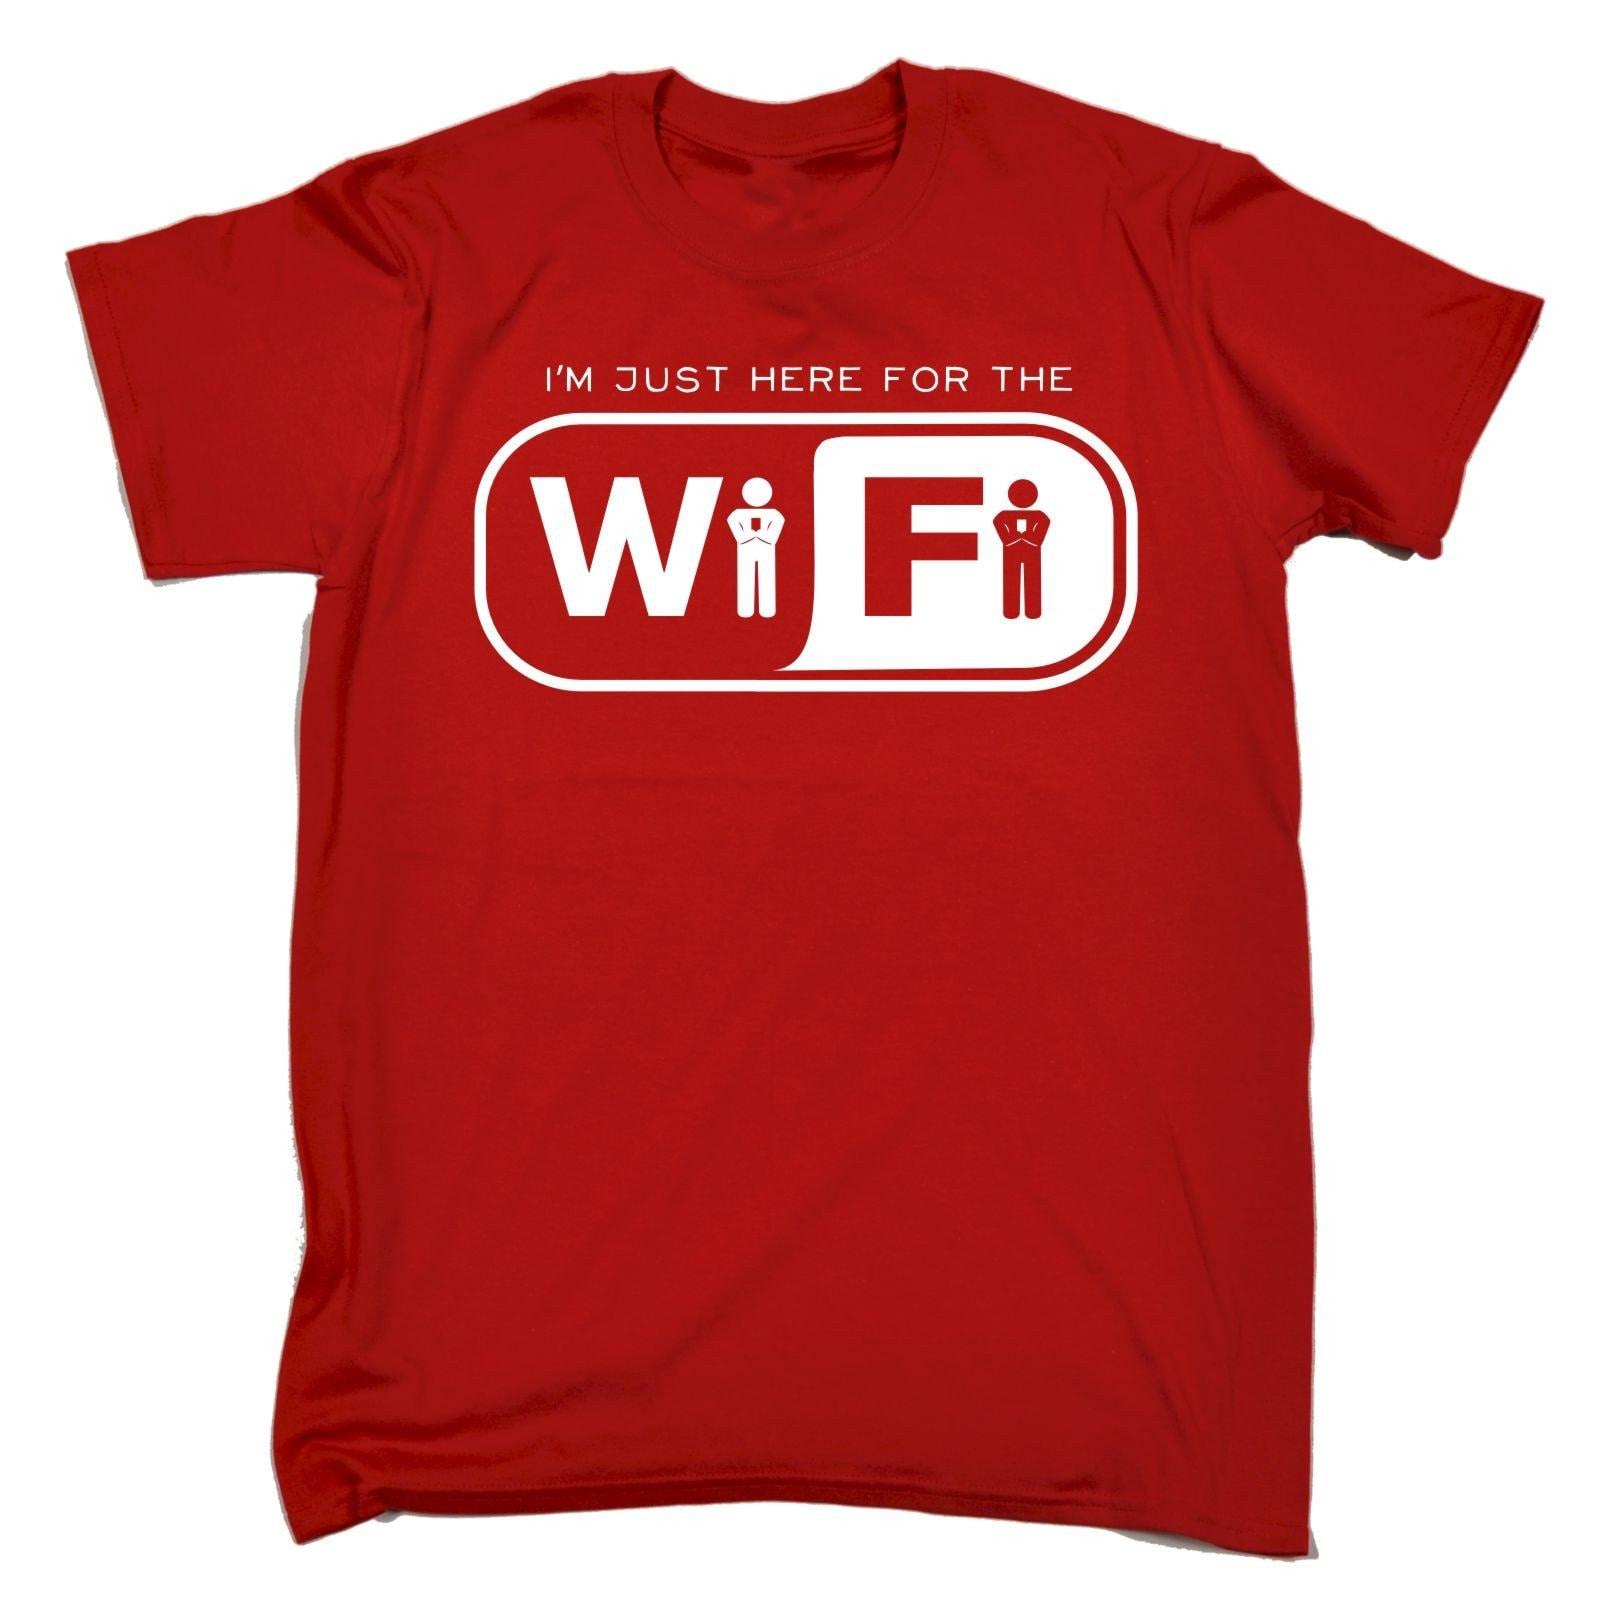 123t des hommes, je suis ici pour le Wi-Fi Tshirt T-Shirt drôle Tee Tshirt Wi-Fi T Shirts nouveauté drôle anniversaire cadeau de Noël présent 6af1b1